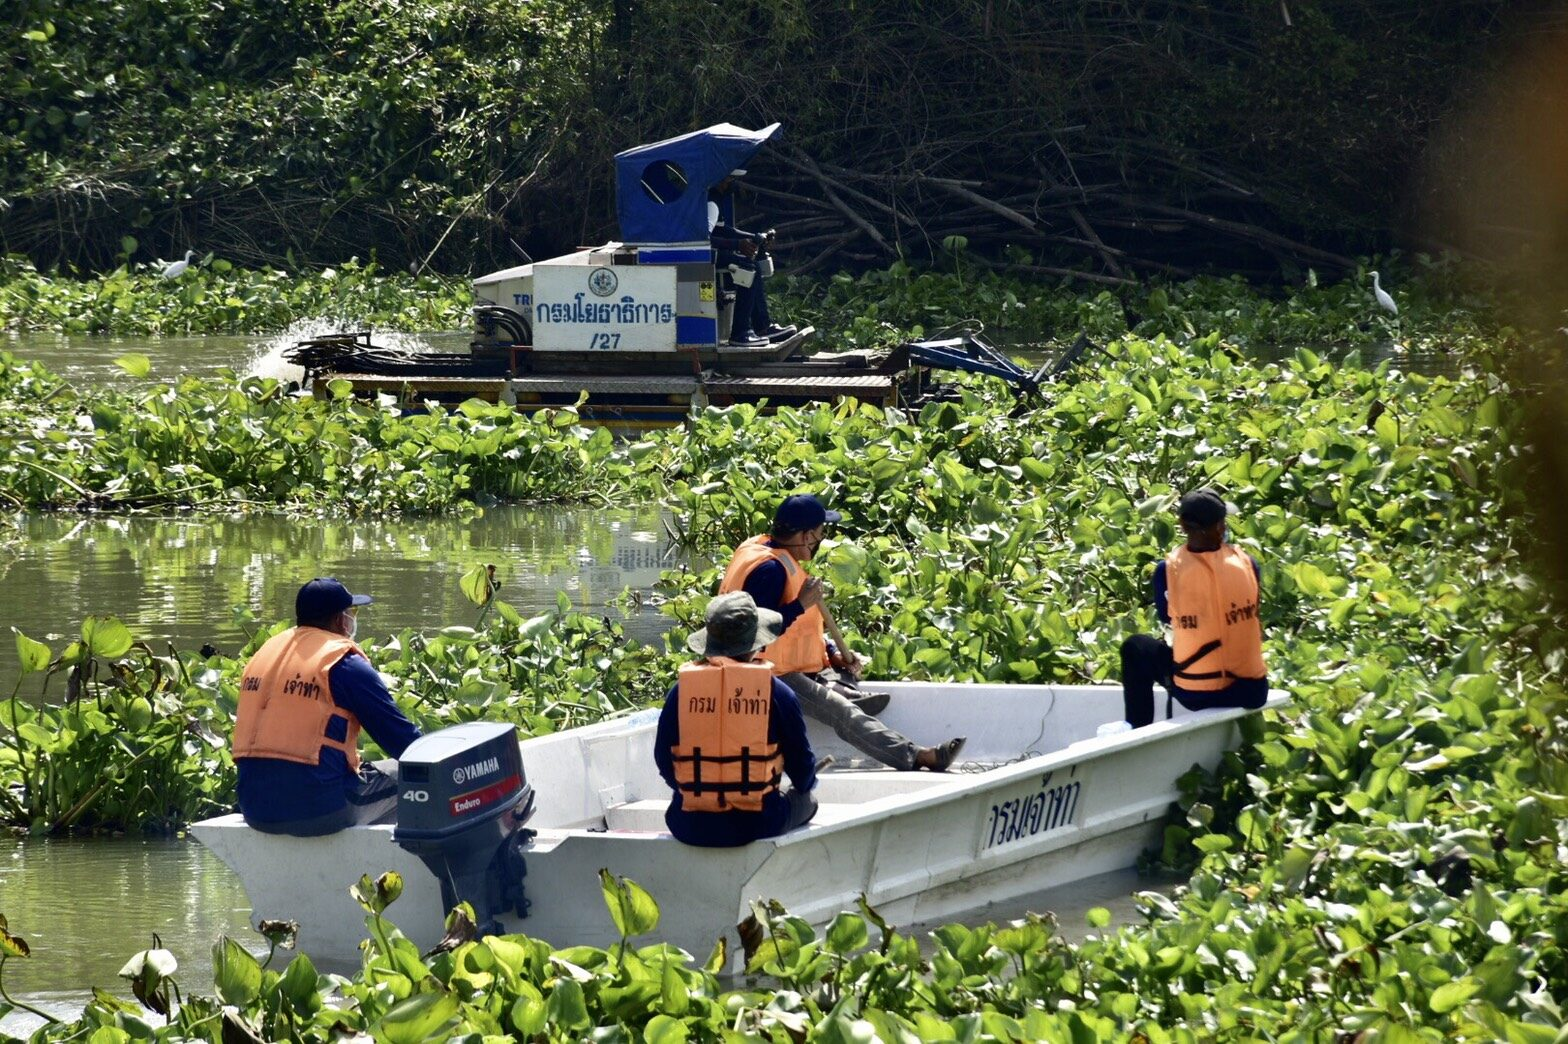 จท.ลงพื้นที่ นำเครื่องจักรเข้าจัดเก็บผักตบชวาออกจากแม่น้ำป่าสัก คาด 3 วันเสร็จ